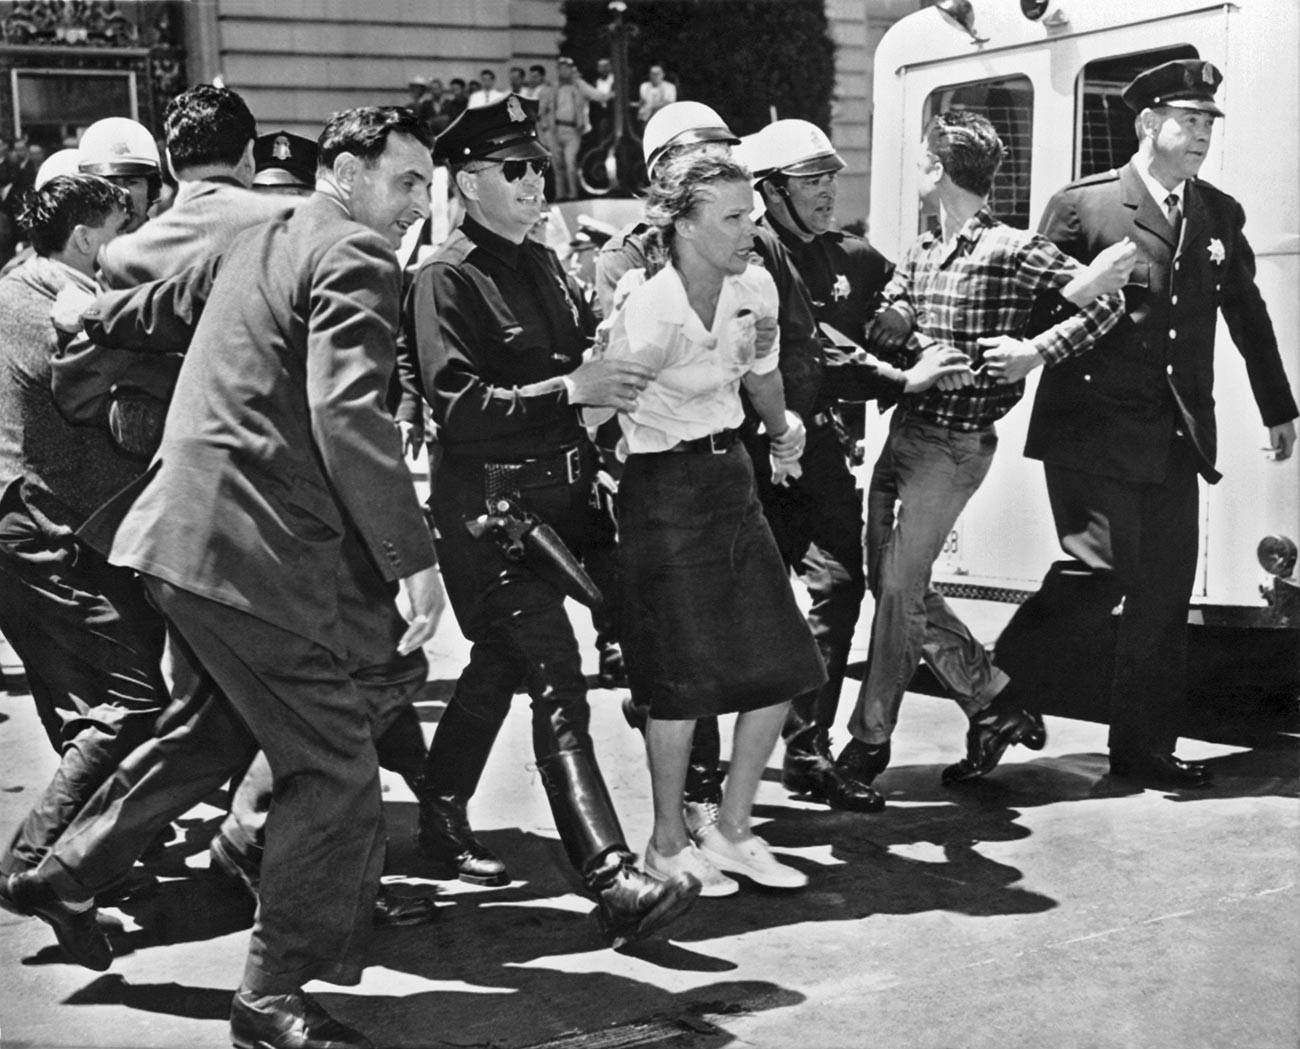 Трима мокри и предизвикателни протестиращи от изслушването на Сенатската комисия за разследване на неамериканска дейност в кметството са отведени в полицейската кола, Сан Франциско, Калифорния, 1961 г.